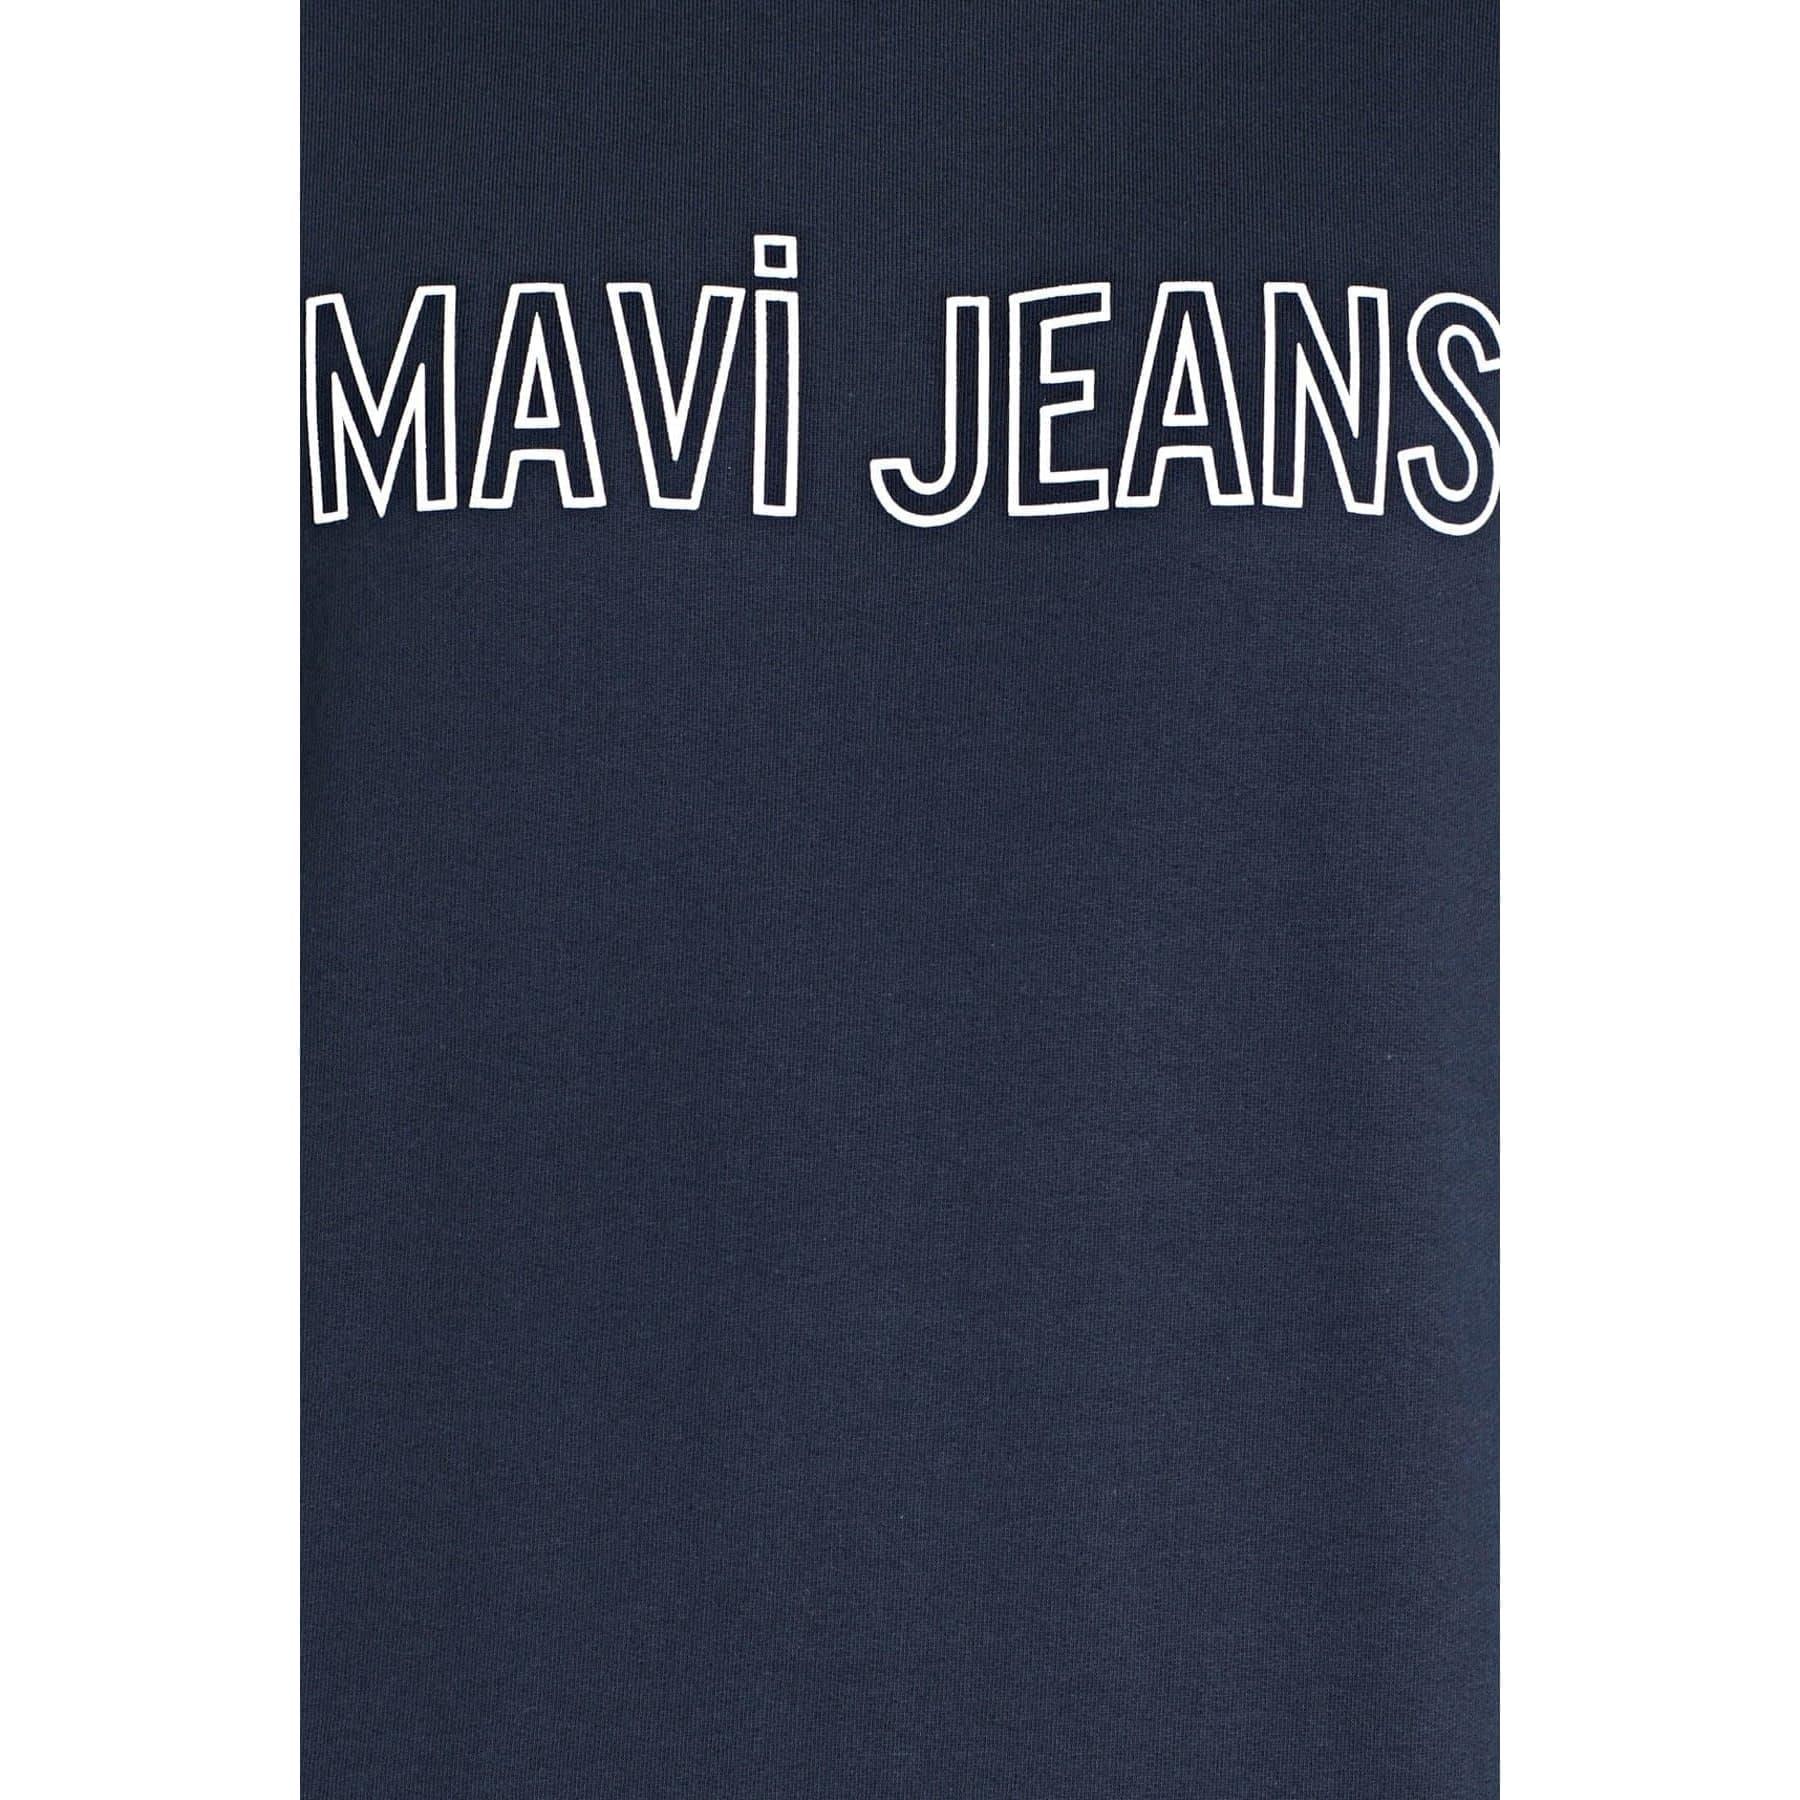 Mavi Jeans Logo Baskılı Erkek Lacivert Sweatshirt